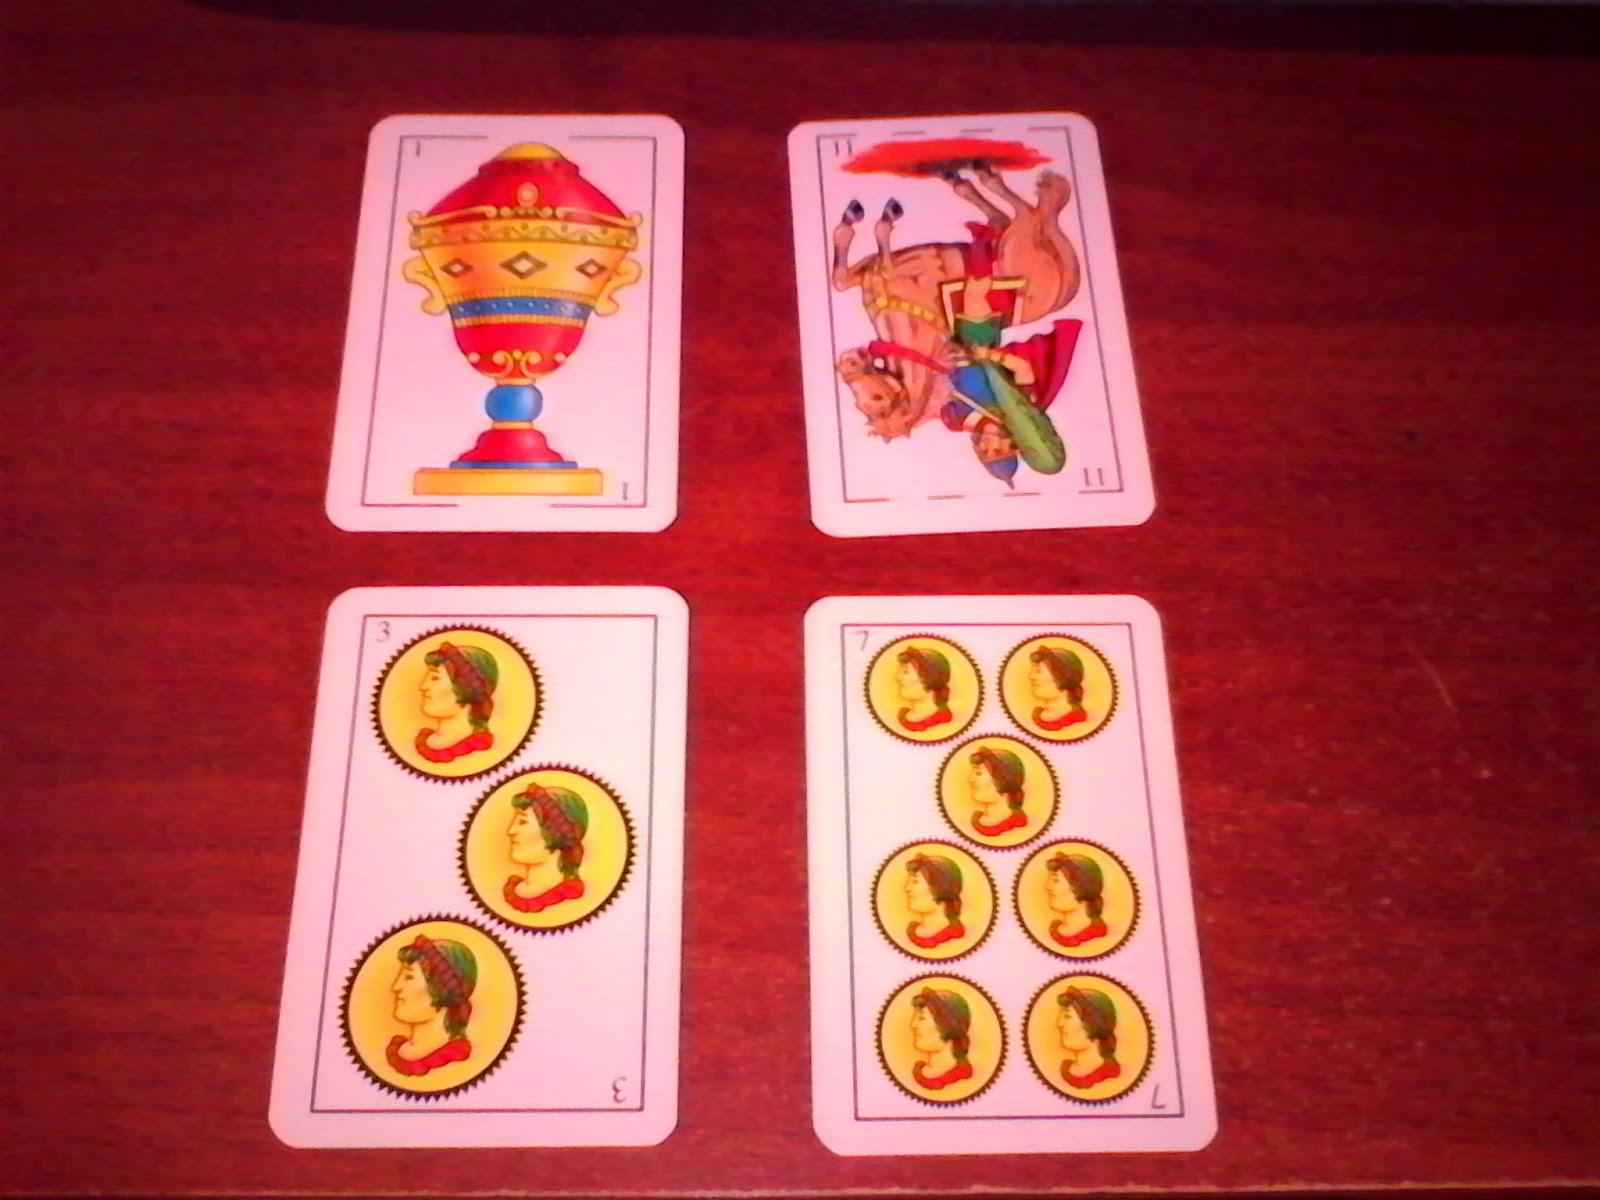 Barcelona bonos cashback casino juegos de cartas 21-184677